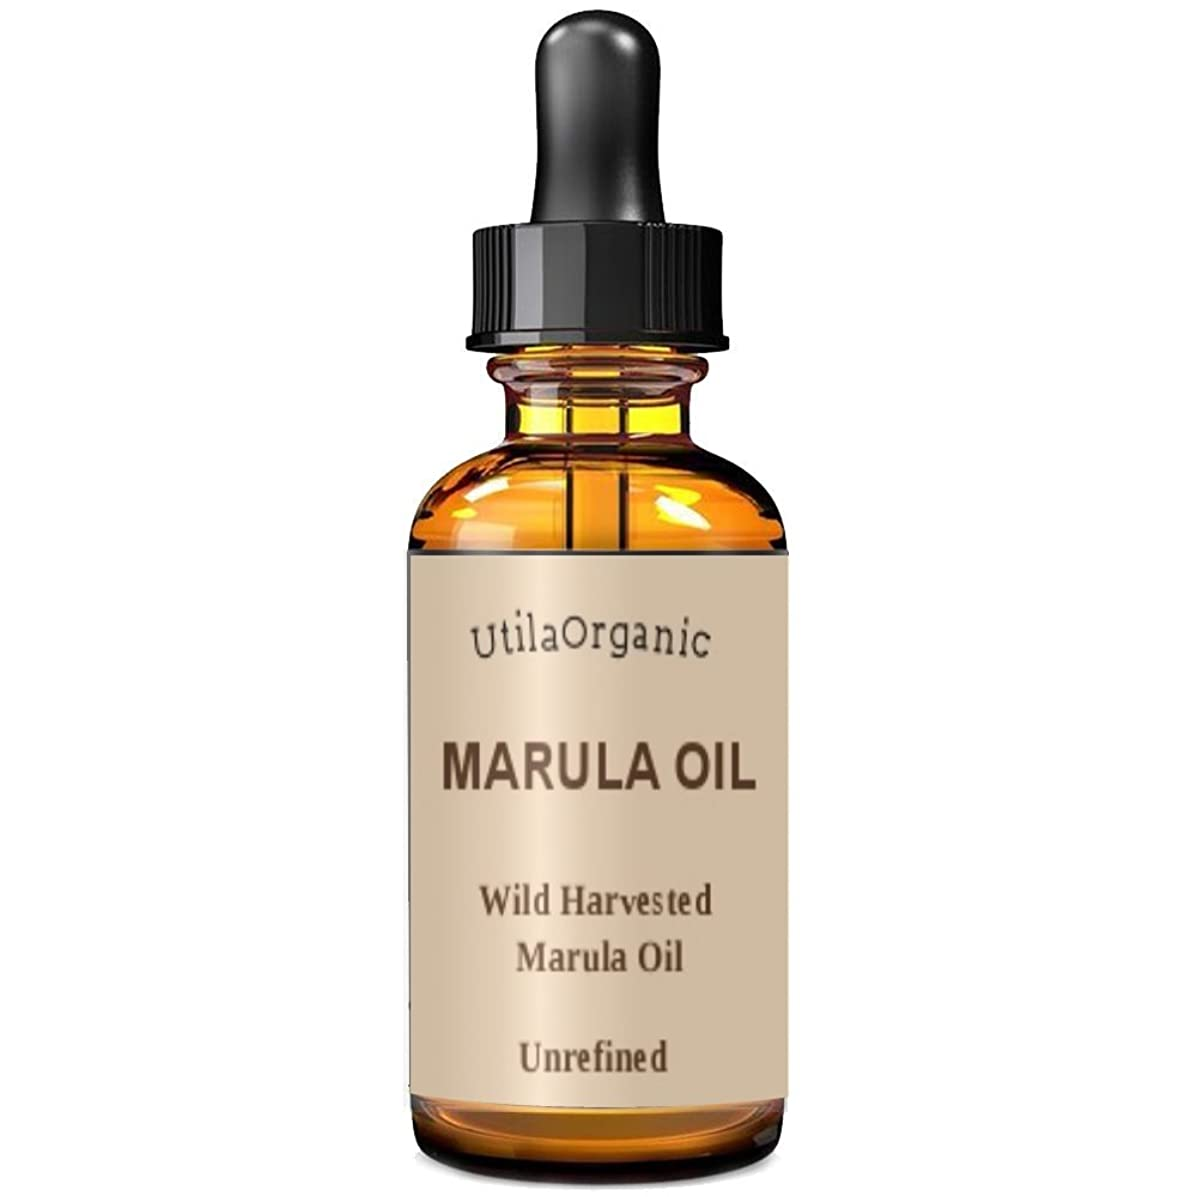 社会主義者フィッティング粘土未精製 マルラオイル 60ml Marula Oil 100% pure and natural 【並行輸入品】